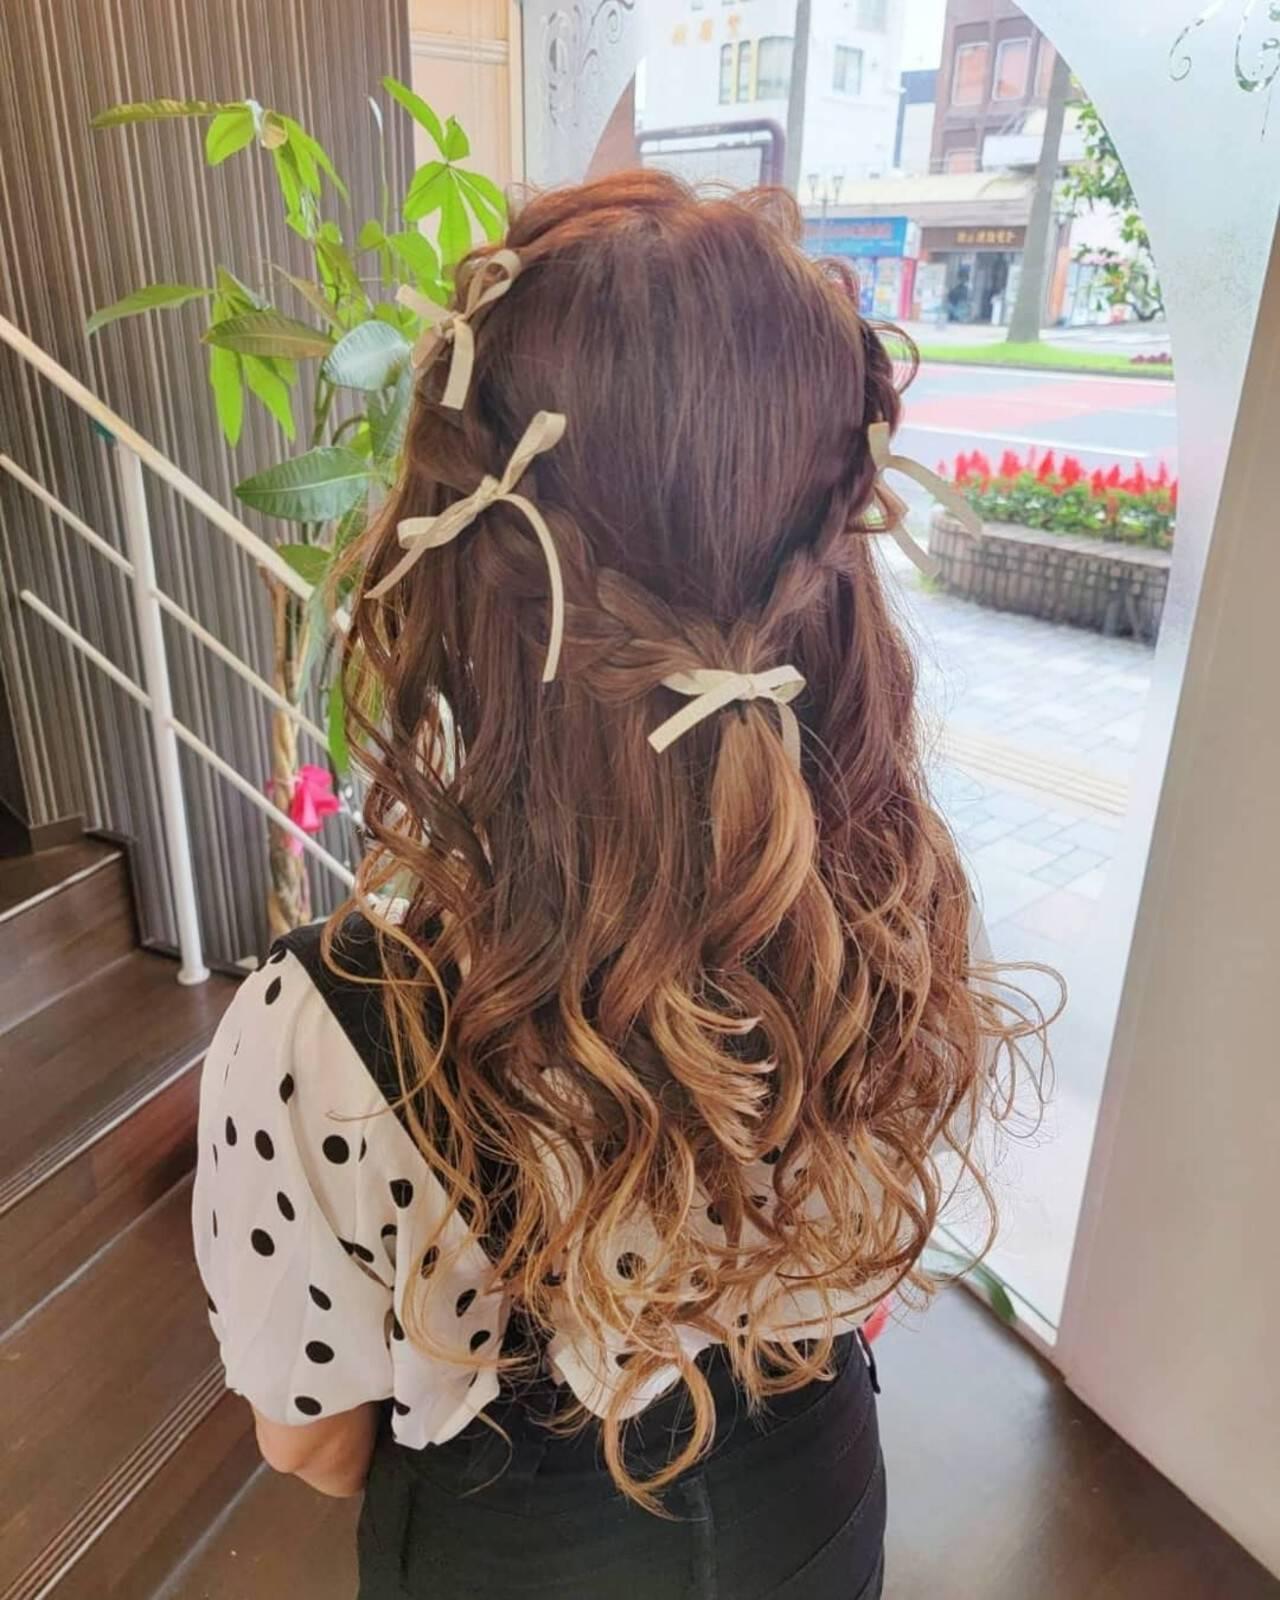 ヘアアレンジ 編み込みヘア ふわふわヘアアレンジ ロングヘアスタイルや髪型の写真・画像